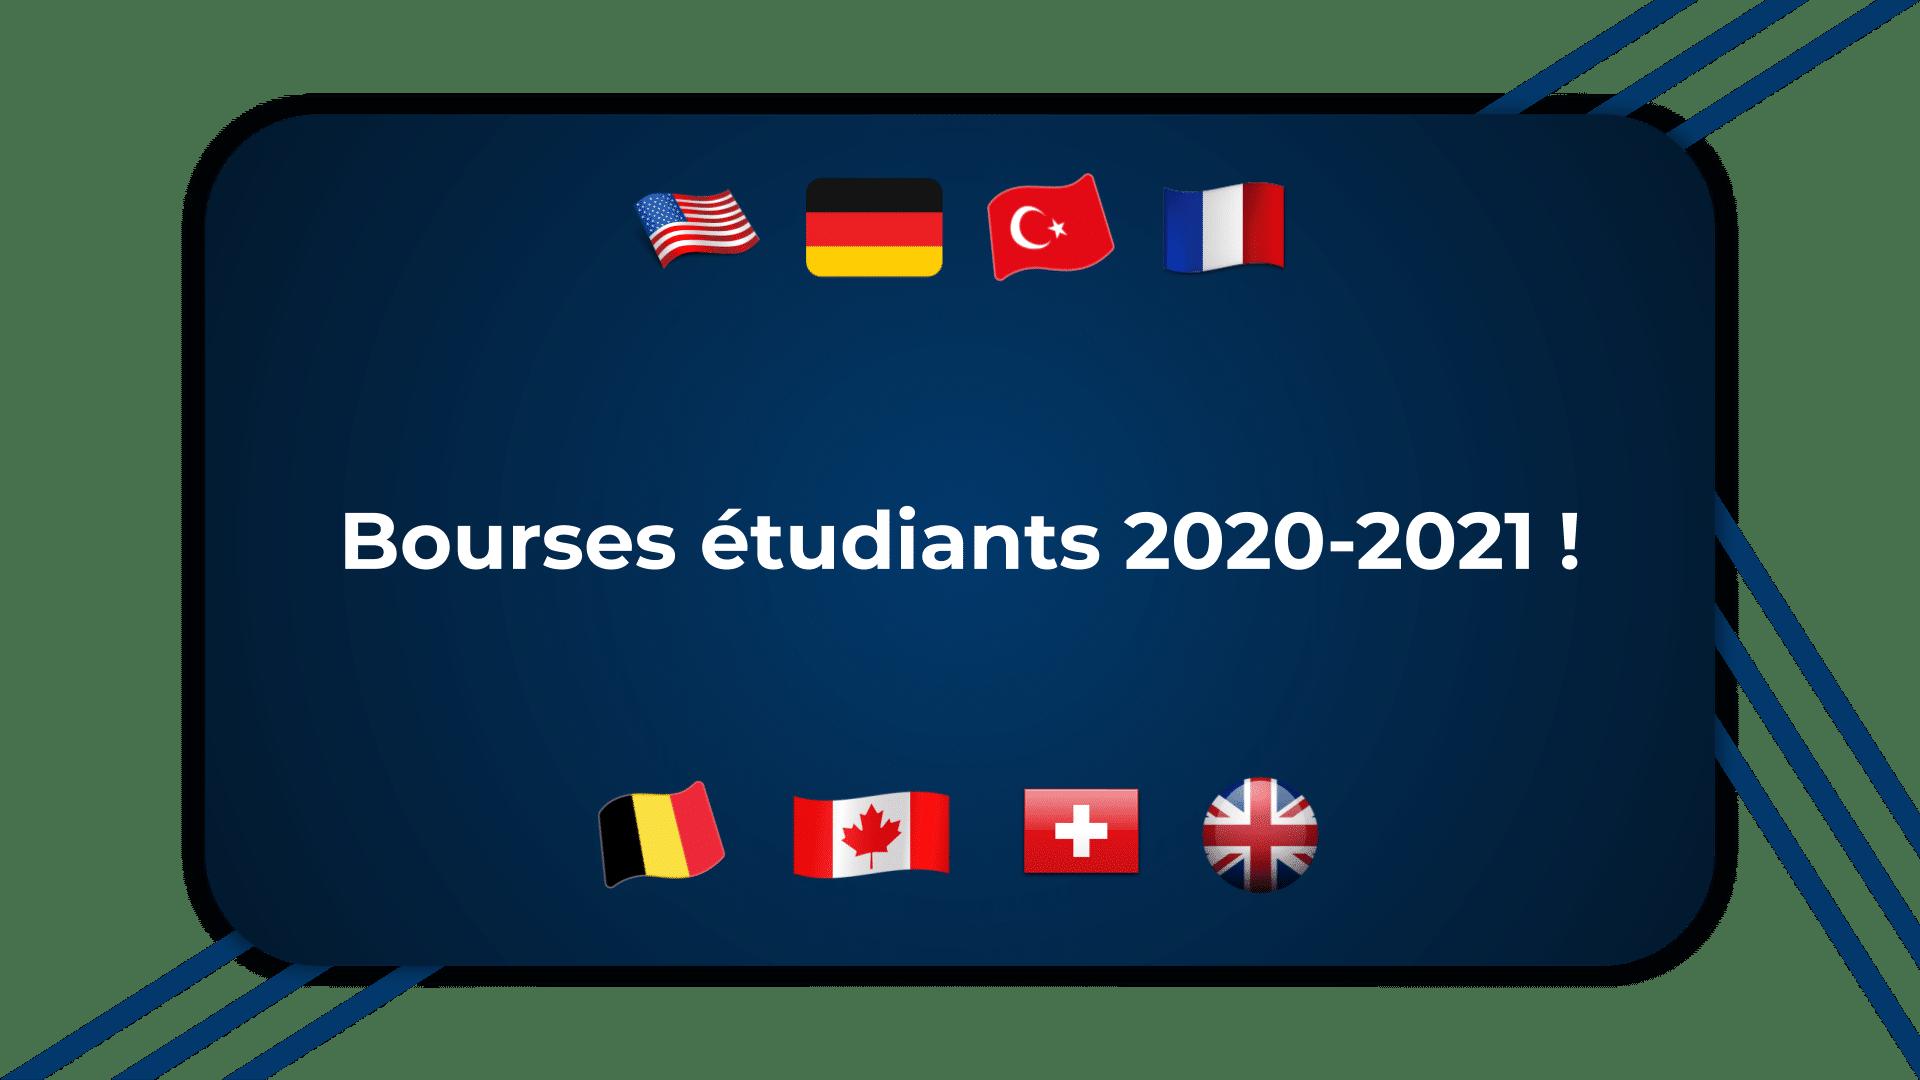 Bourses étudiants 2020-2021